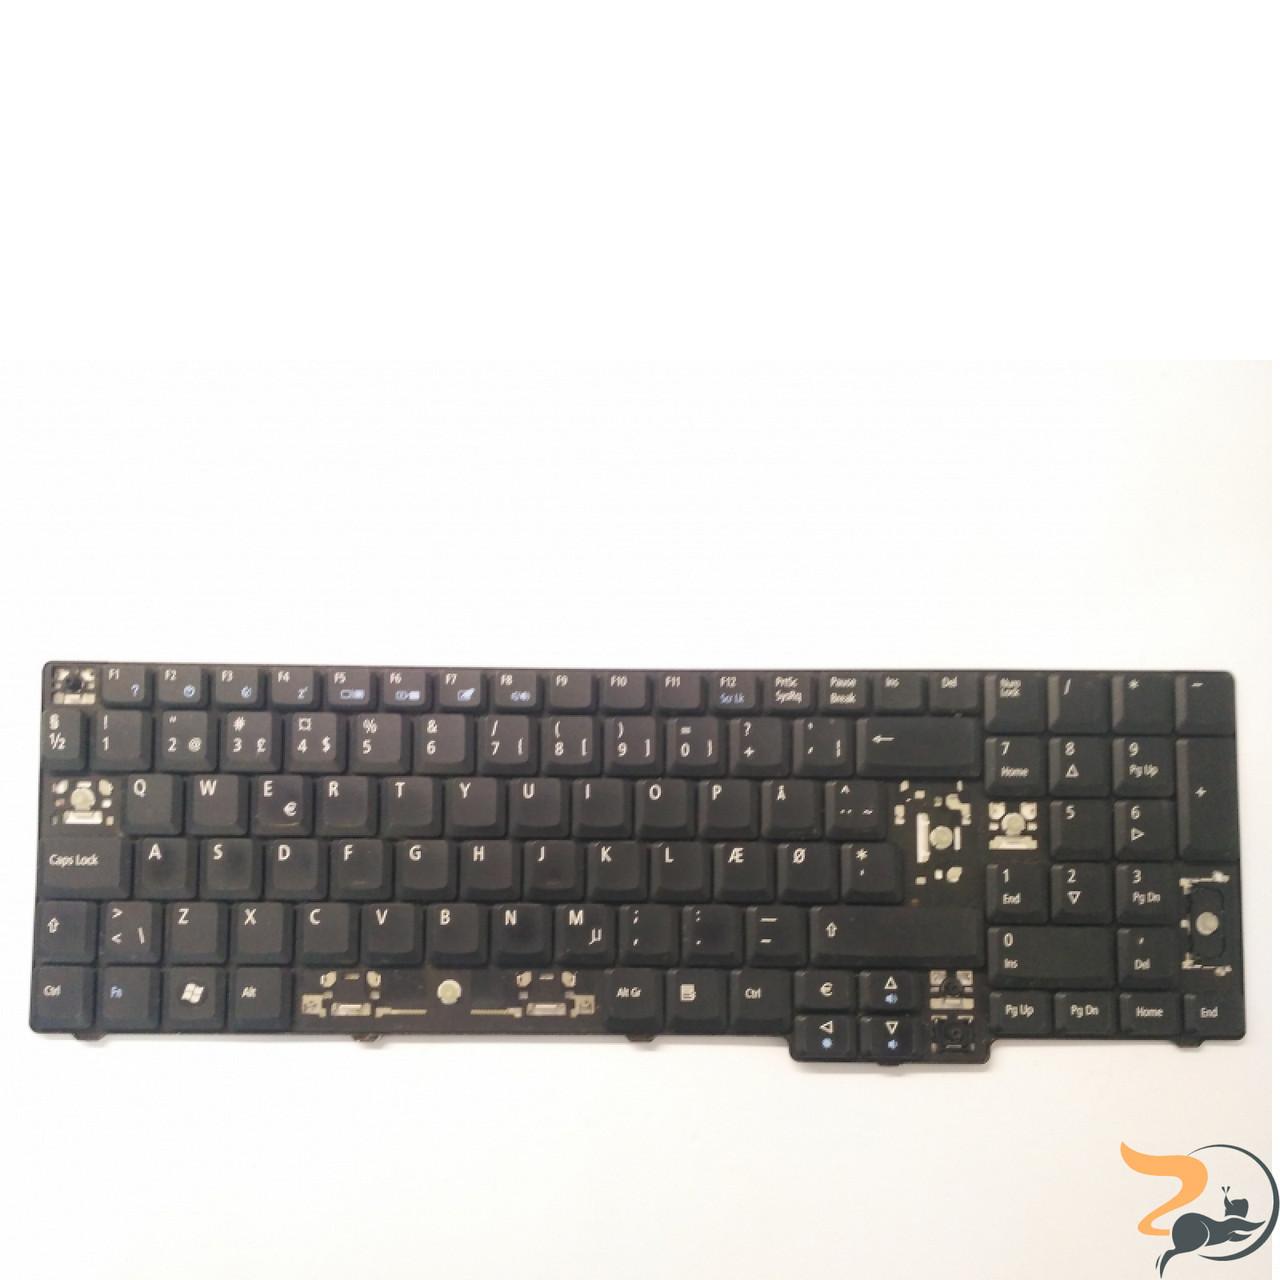 Клавіатура для ноутбука Acer Aspire 7520G, робоча клавіатура, відсутні клавіші(фото)